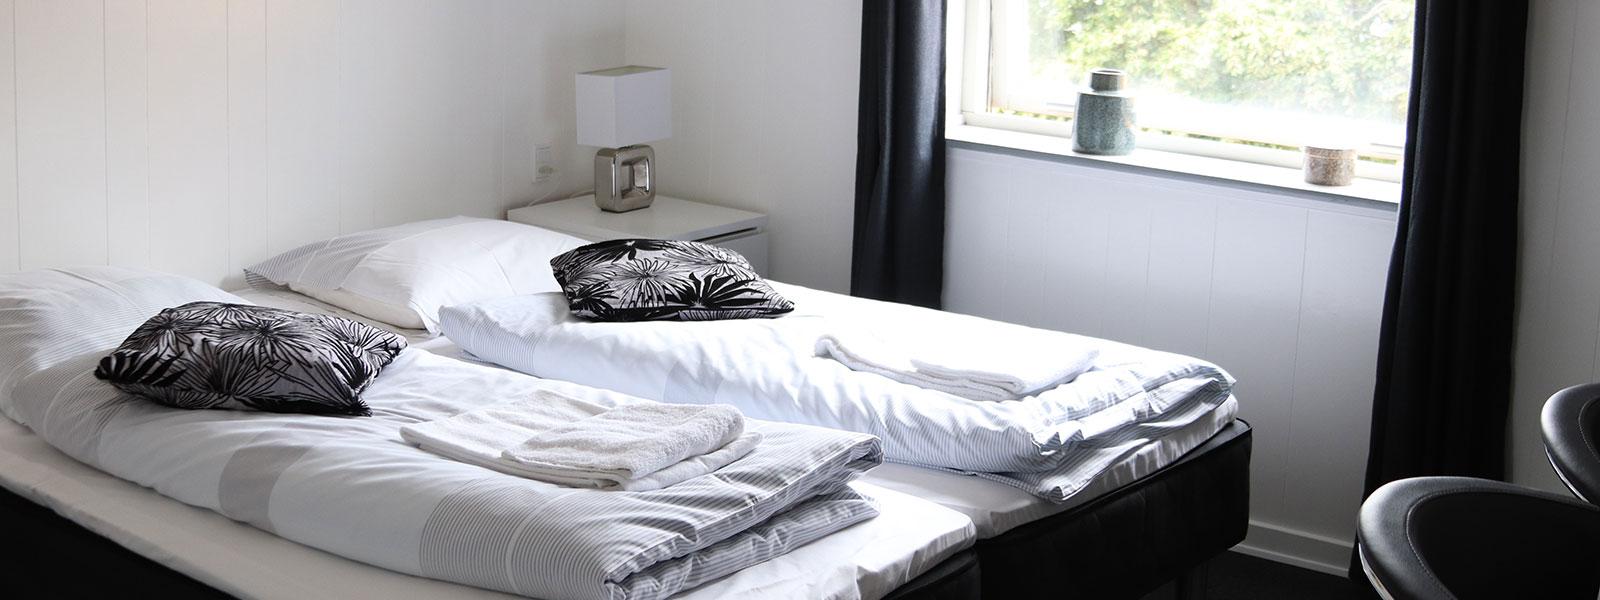 billige hotelværelser